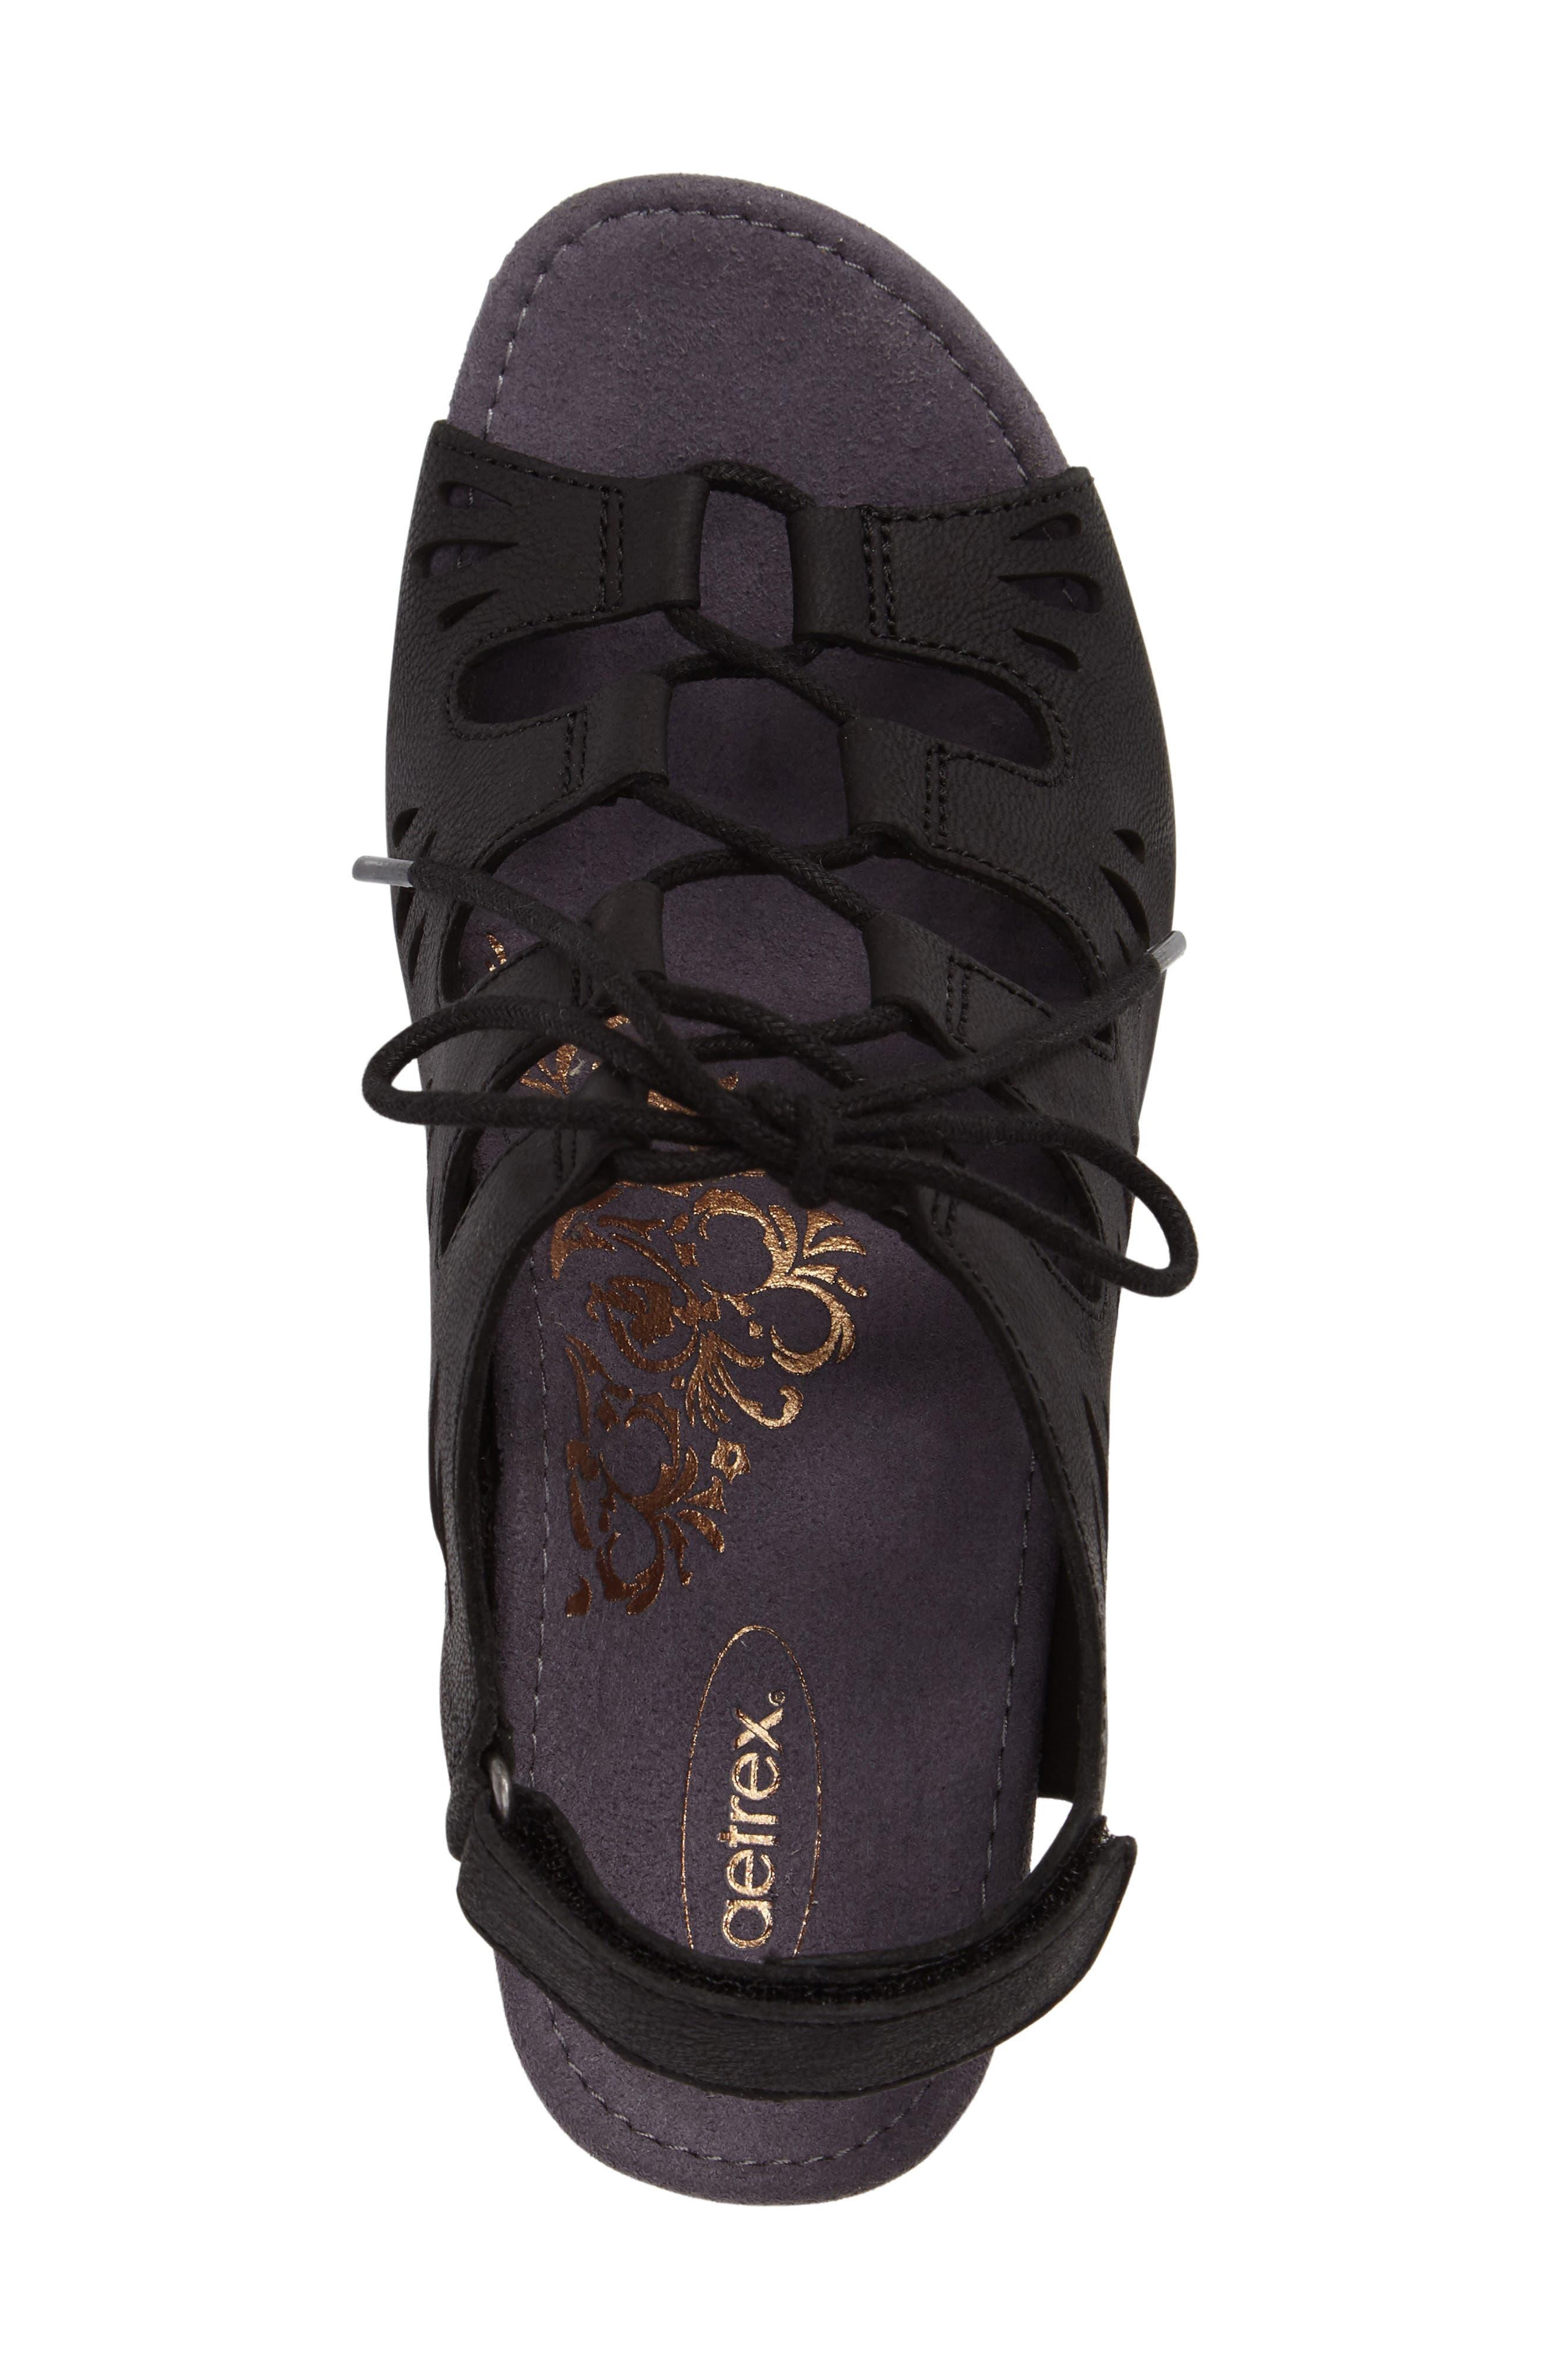 Giselle Slingback Wedge Sandal,                             Alternate thumbnail 5, color,                             001